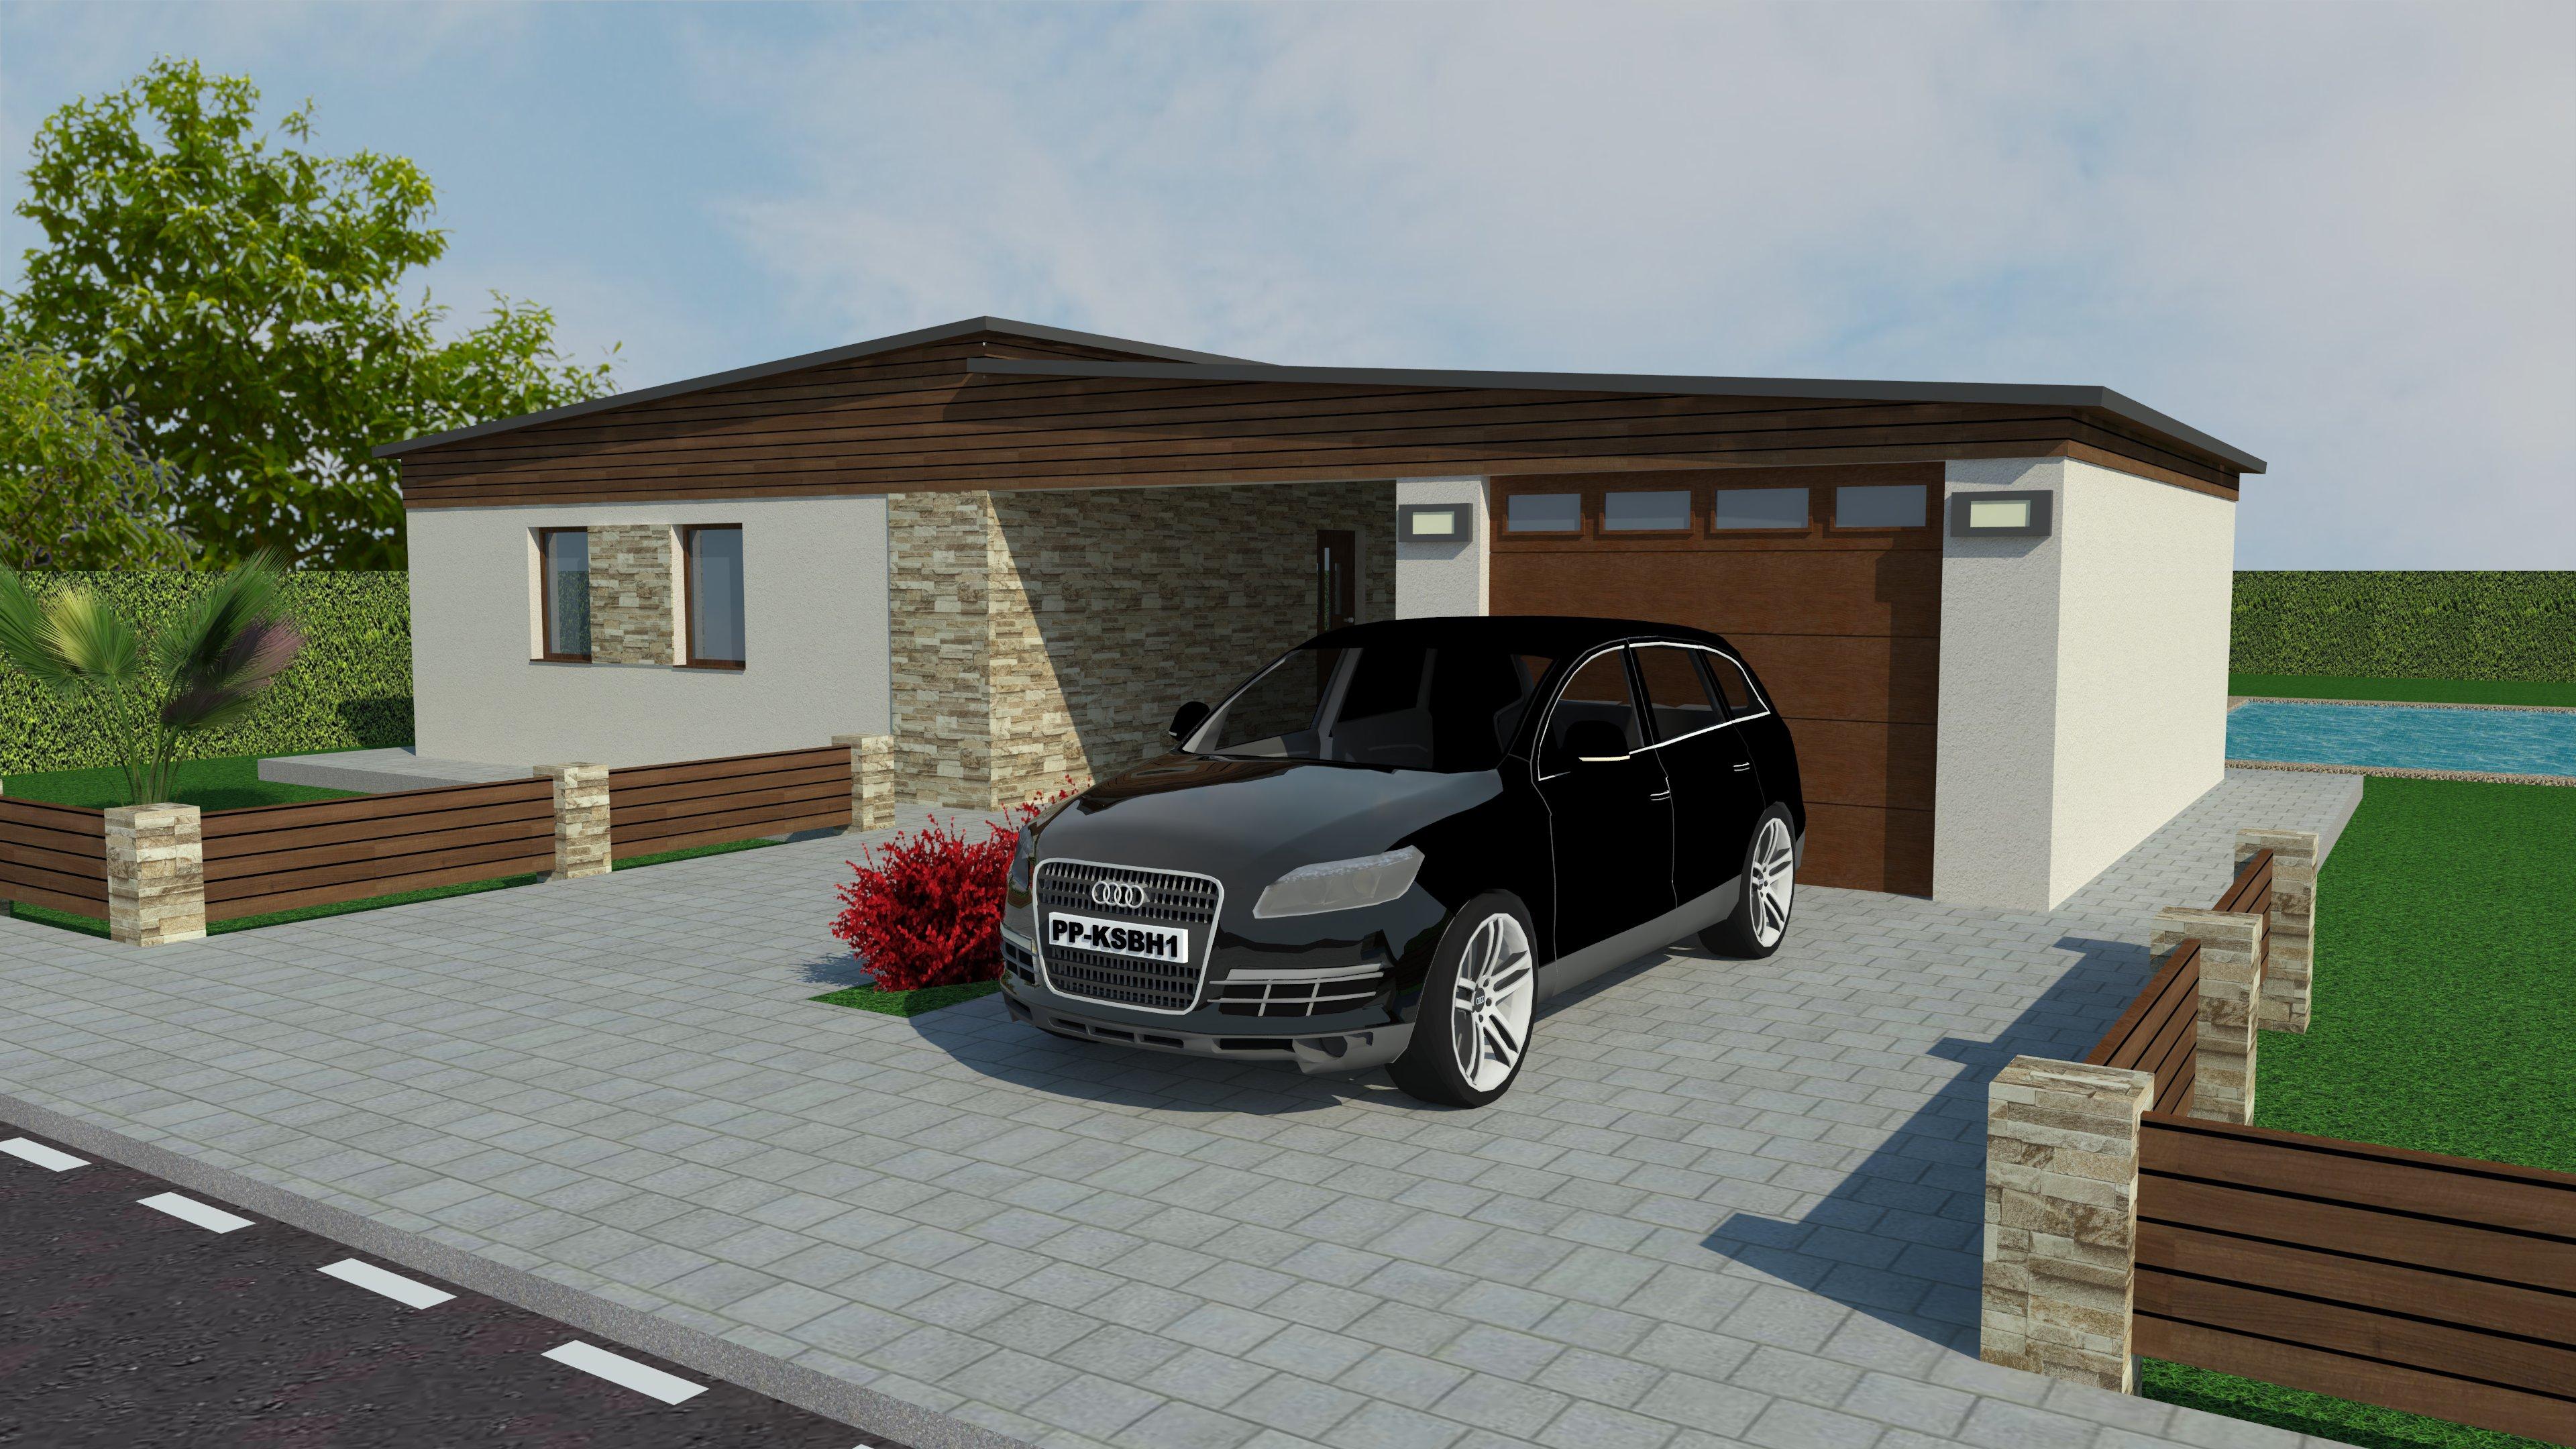 bungalov, jednopodlažný dom, rodinný dom, 3D vizualizácia